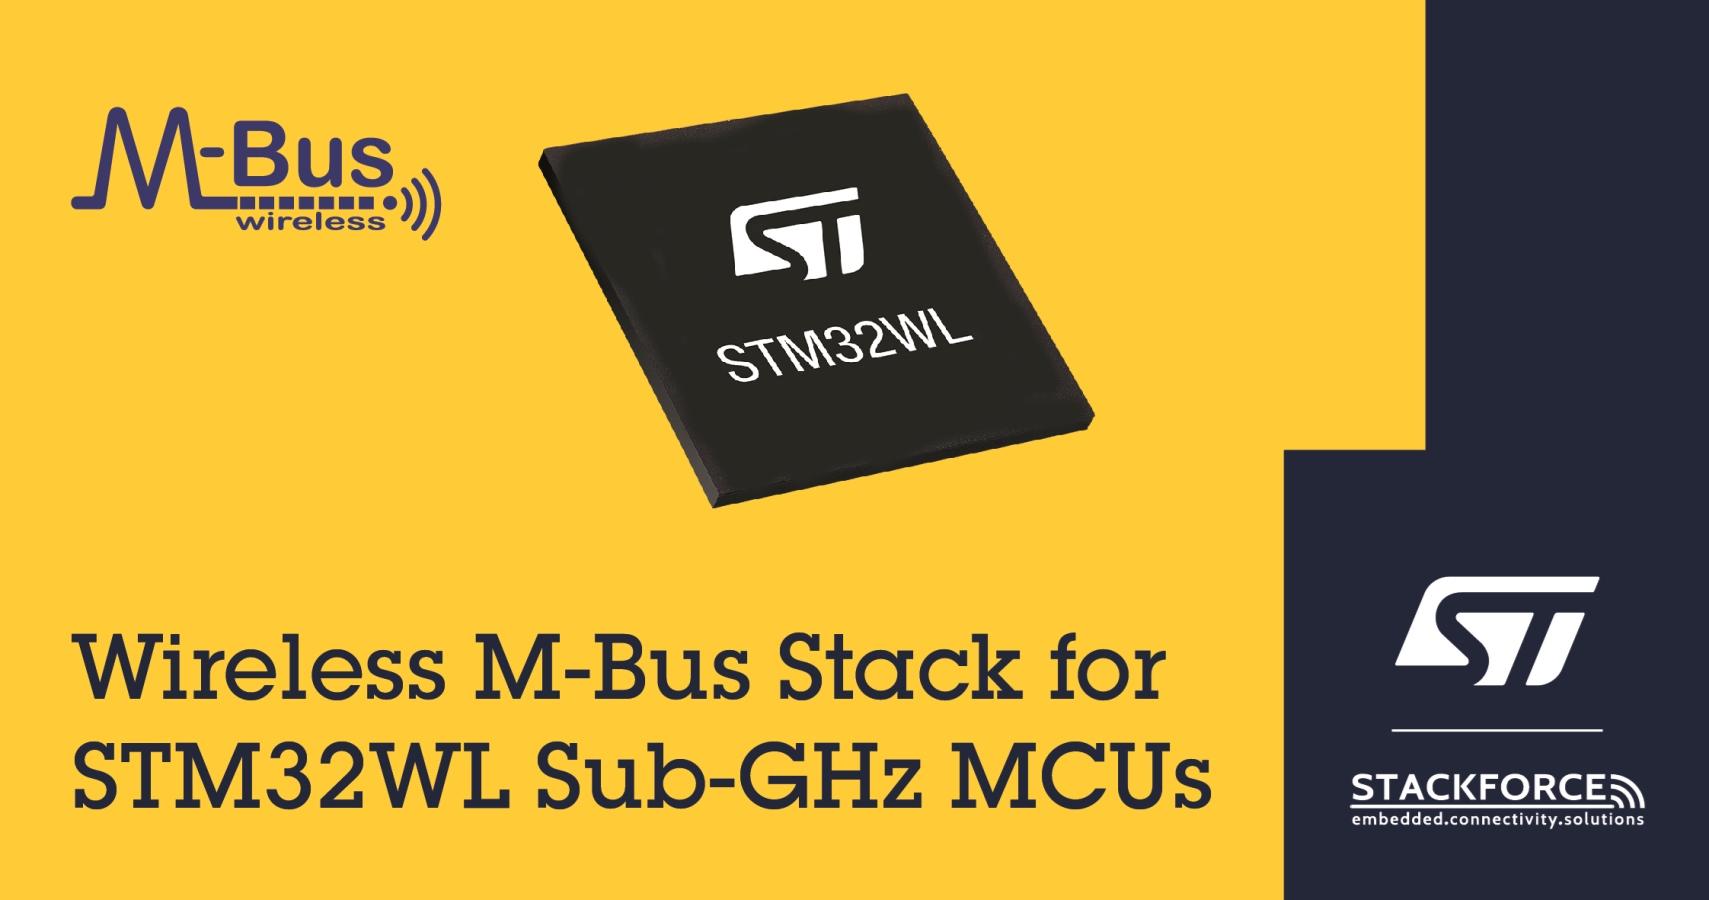 丰富STM32WL无线微控制器生态系统.jpg